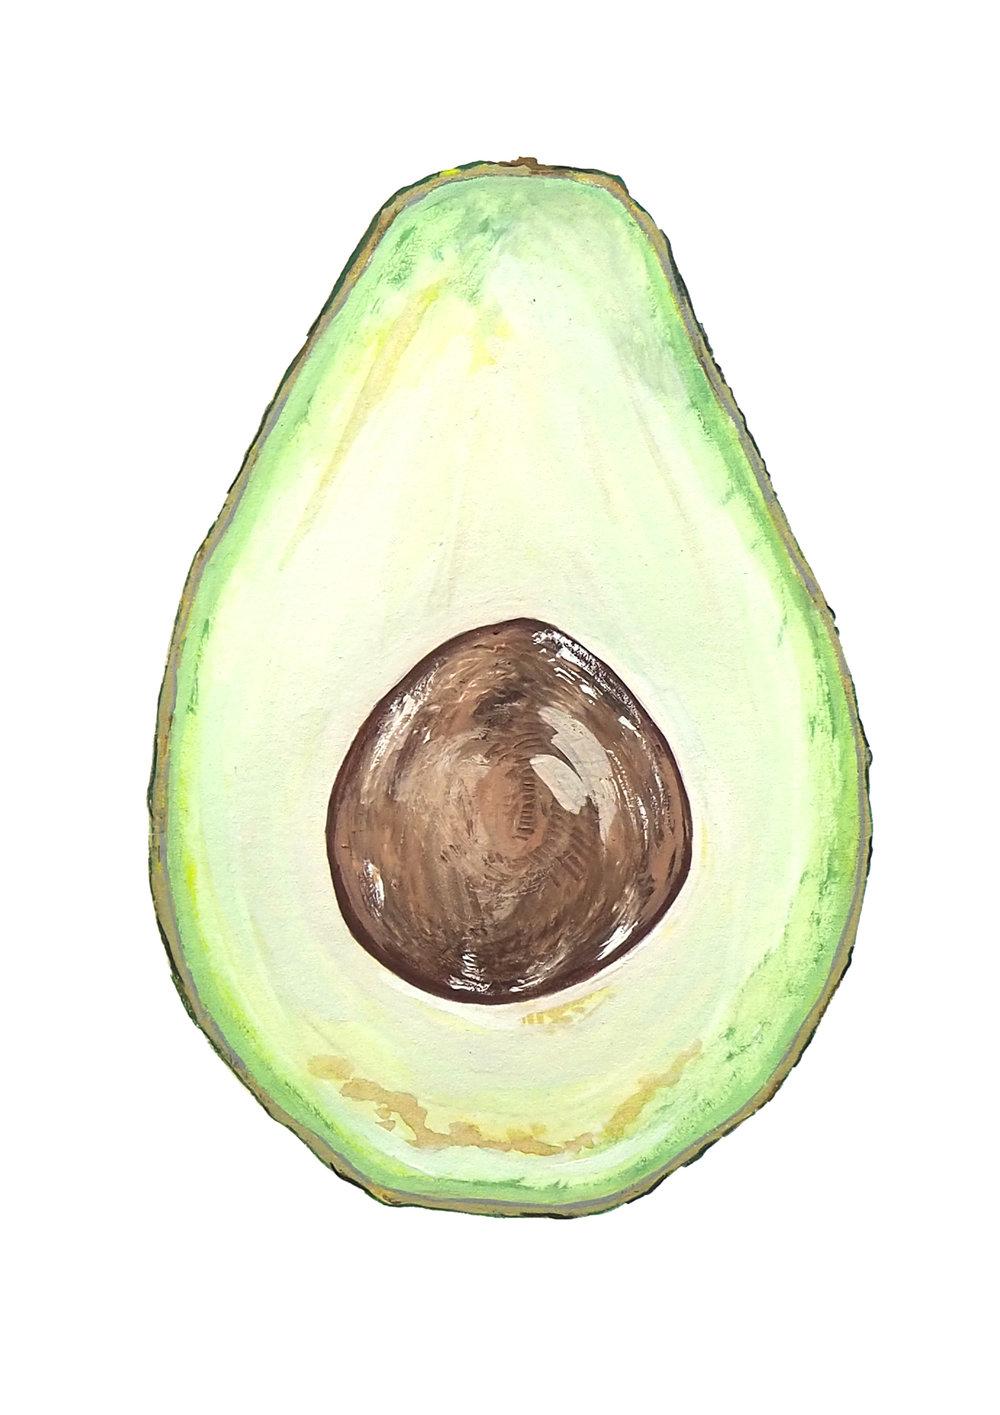 Avocado 1000.jpeg